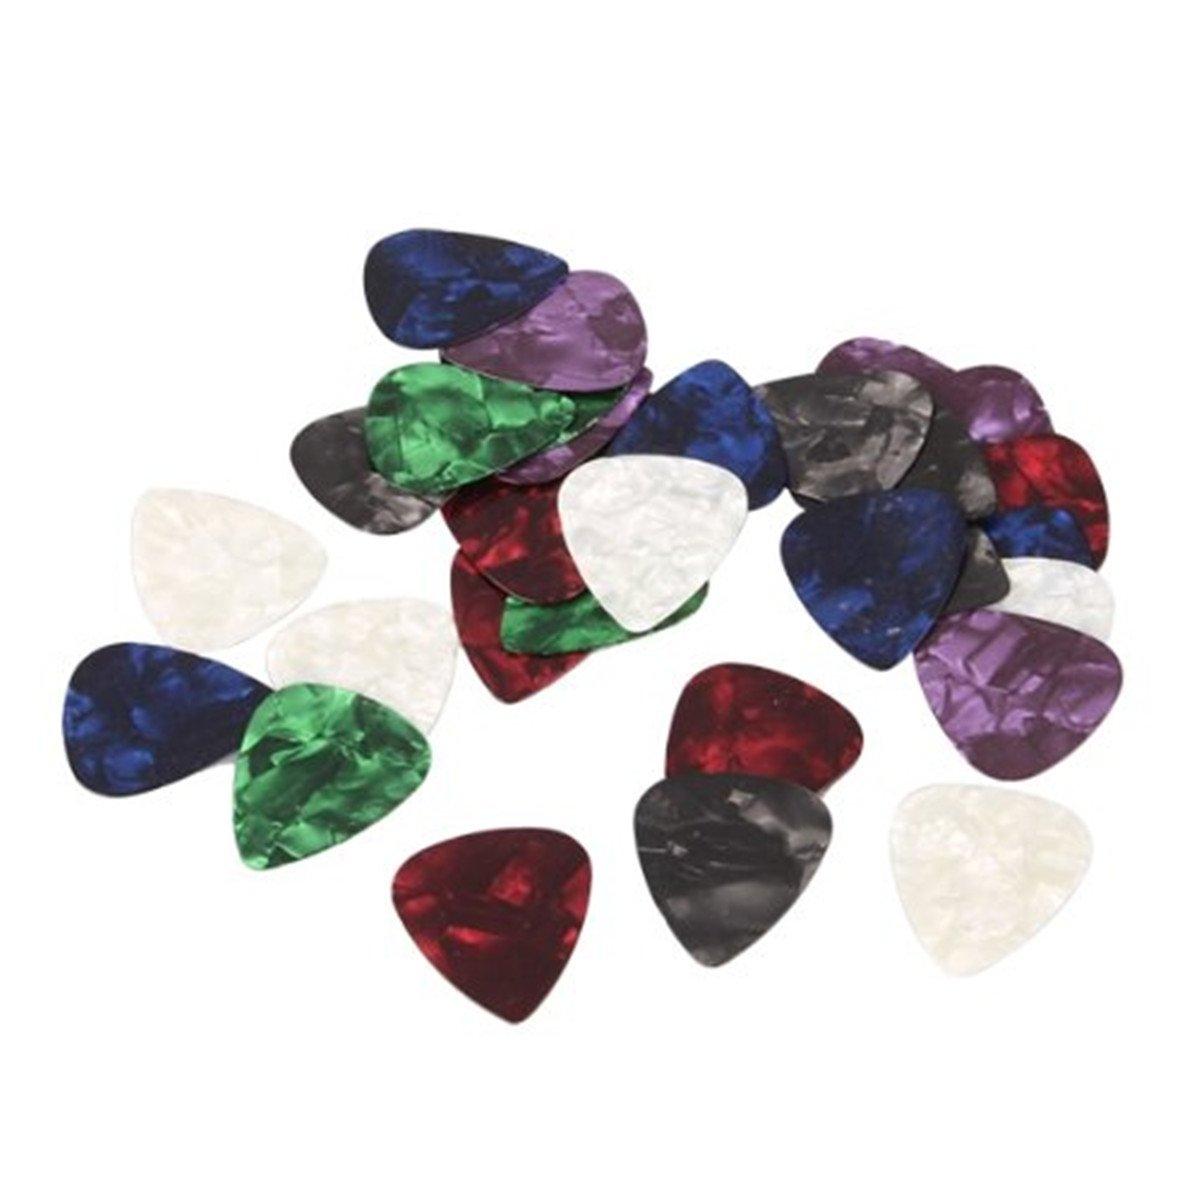 10pcs Stylish Colorful Celluloid Guitar Picks Plectrums 0.71mm